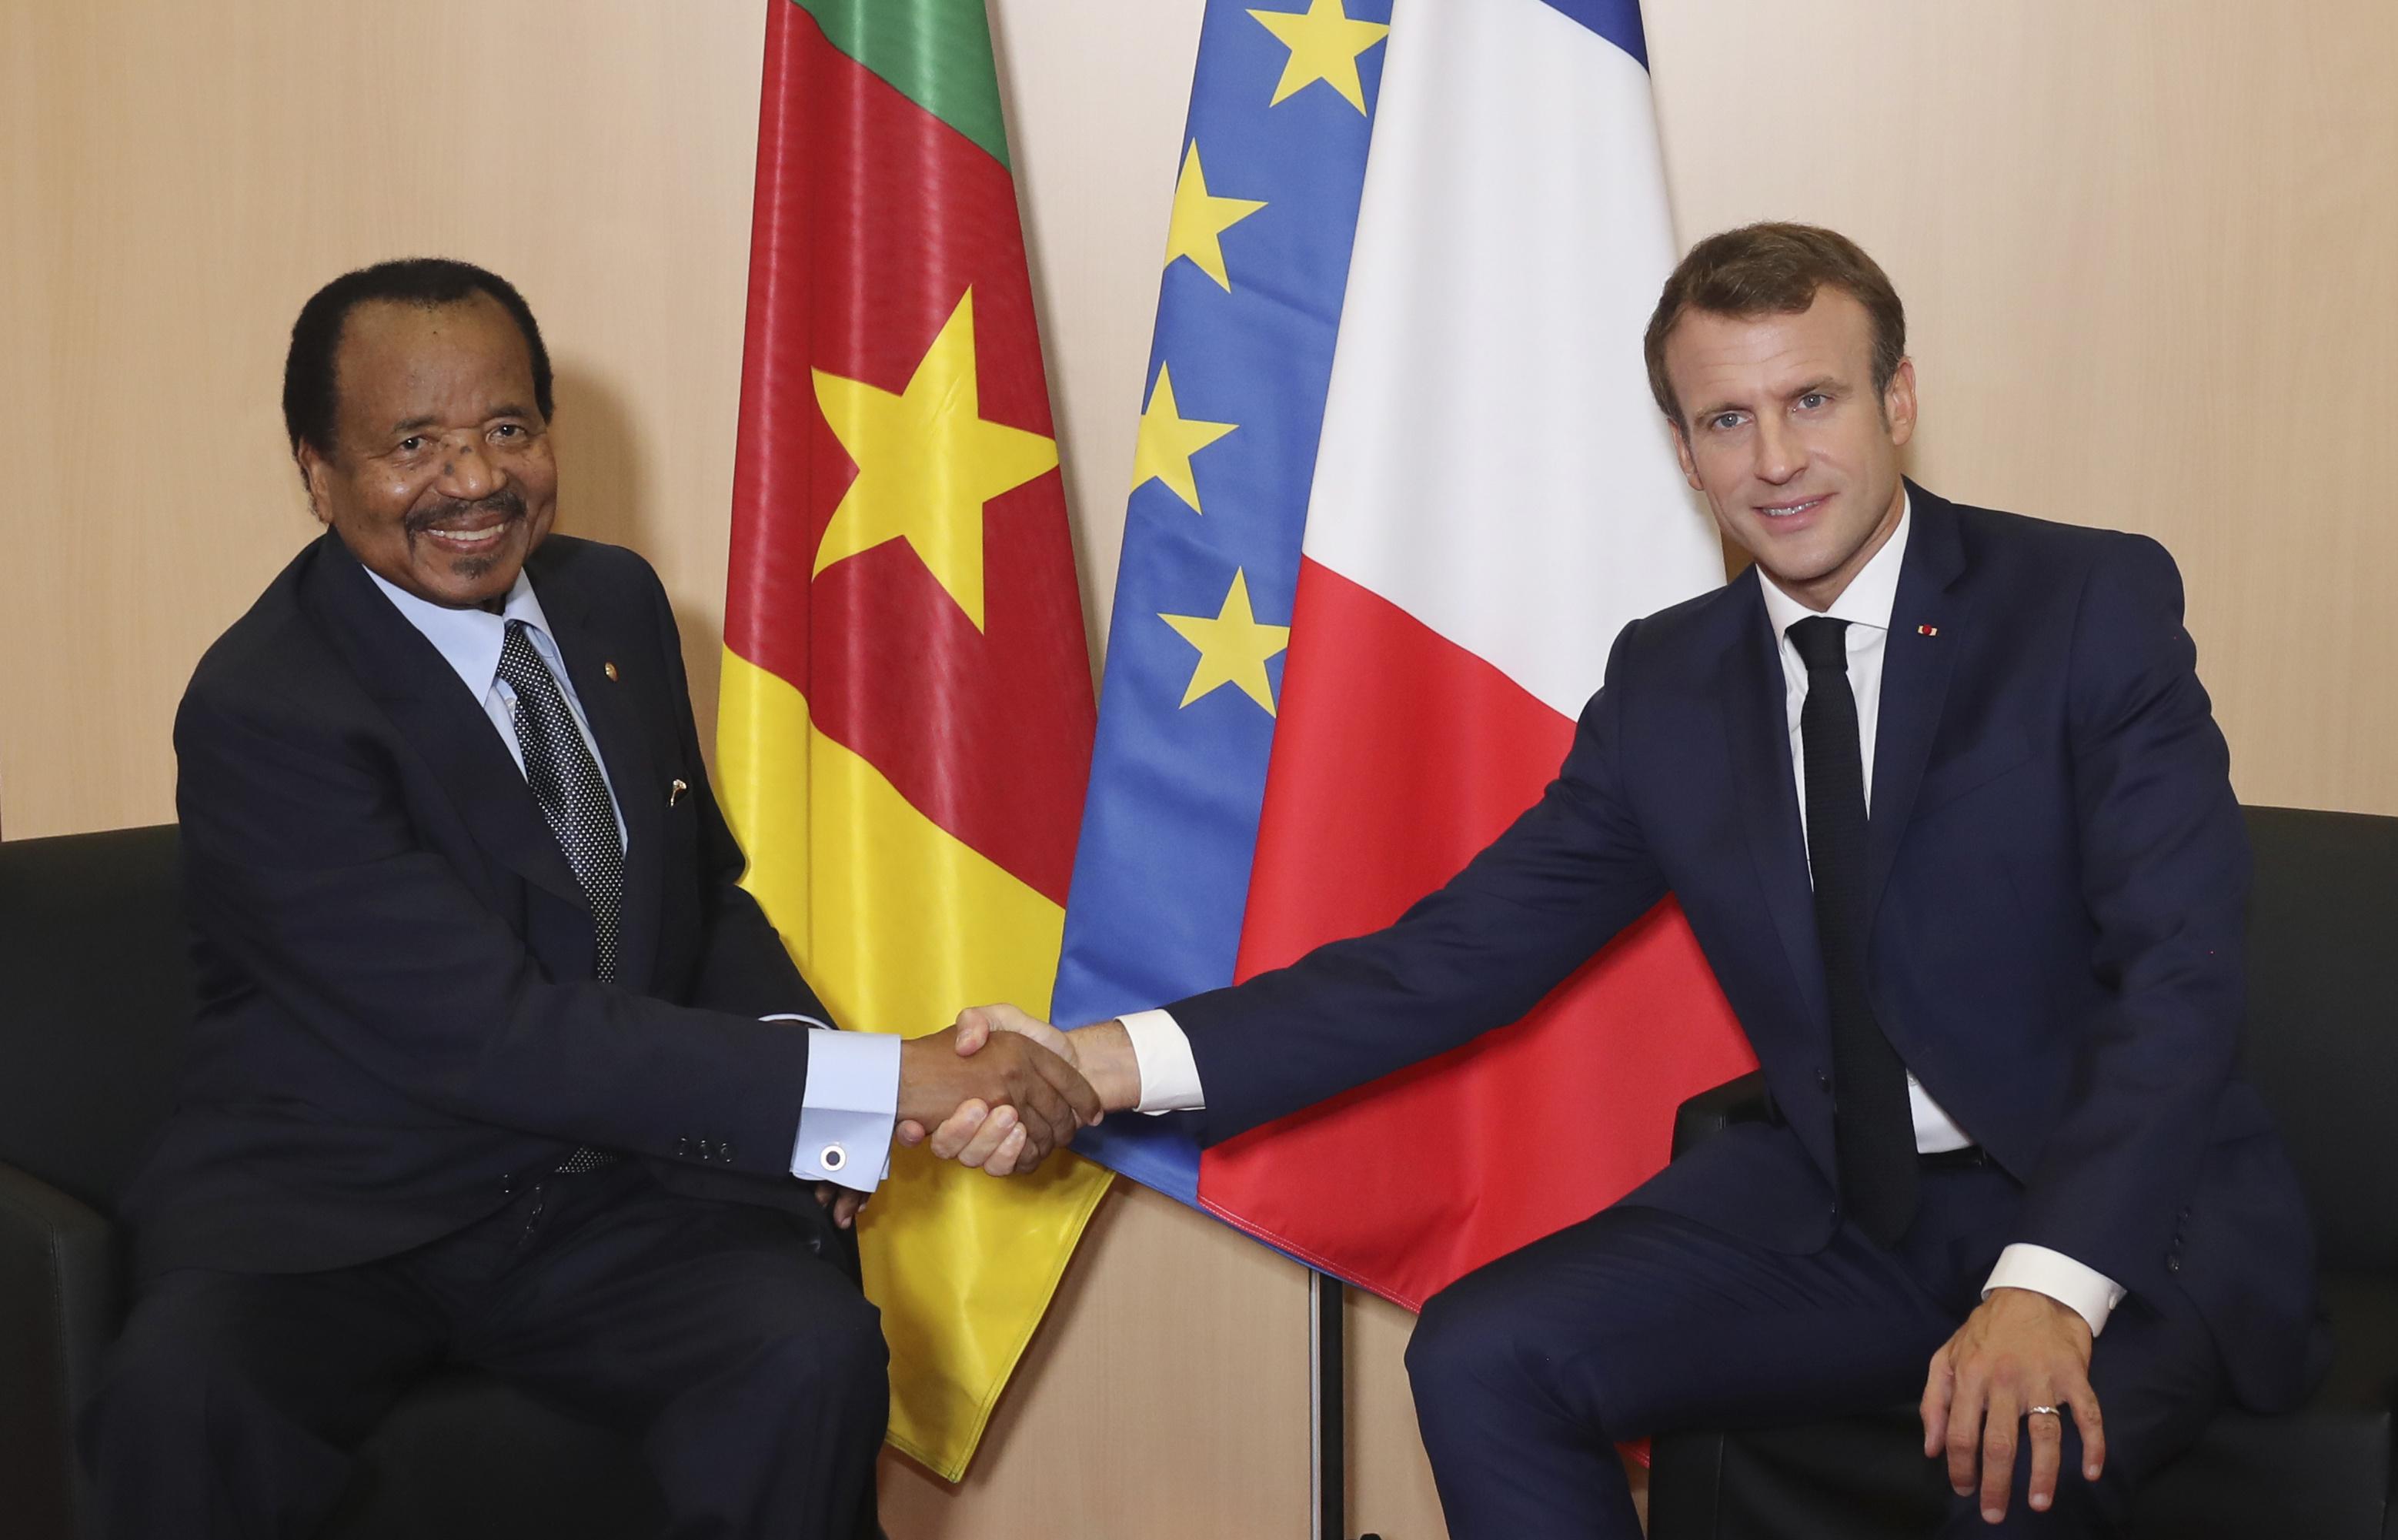 Rencontre bilatérale entre le président camerounais Paul Biya et le chef de l'Etat français Emmanuel Macron, le 10 octobre 2019.